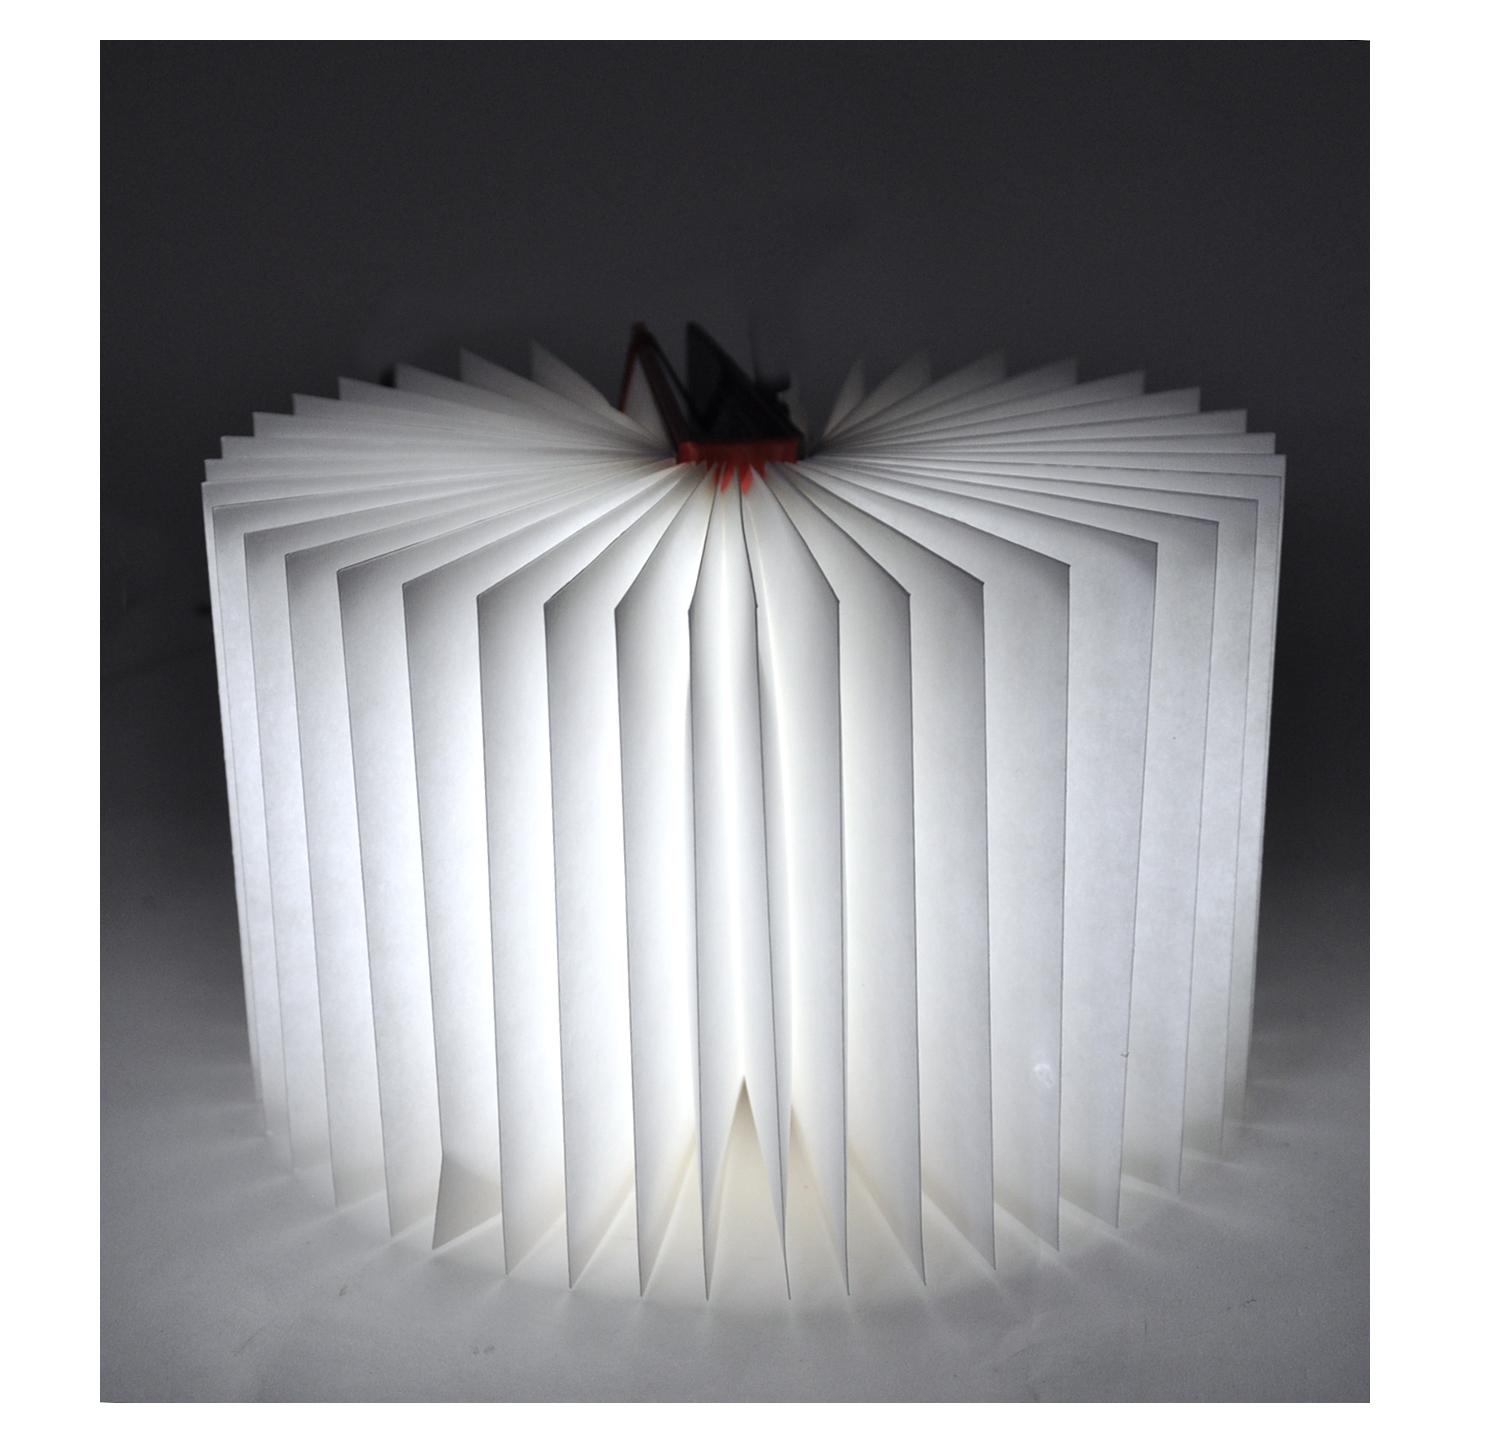 pozebot book light open the book for light via battery or usb